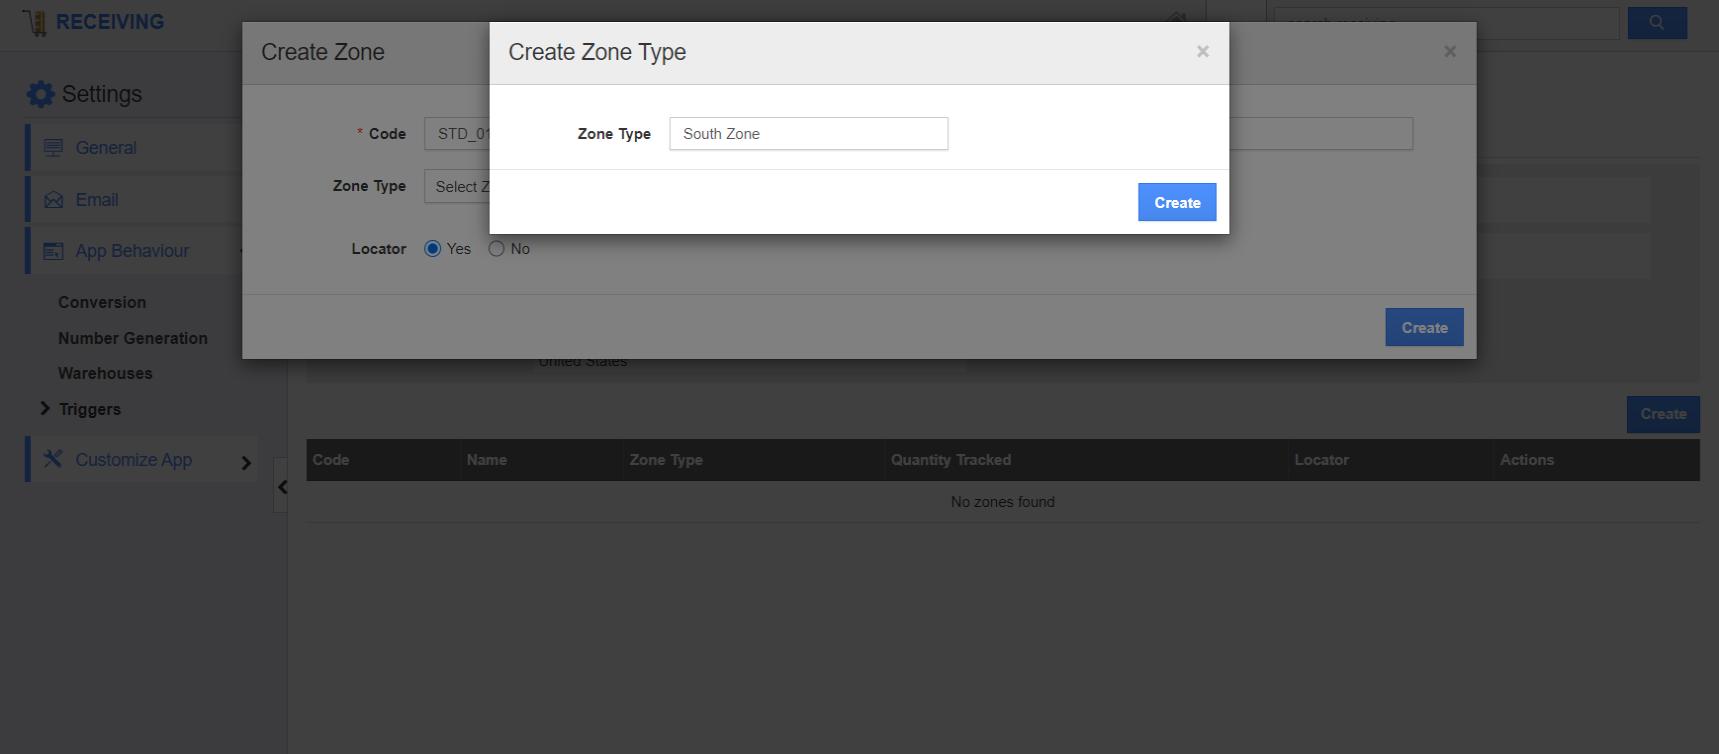 Create Zone Type